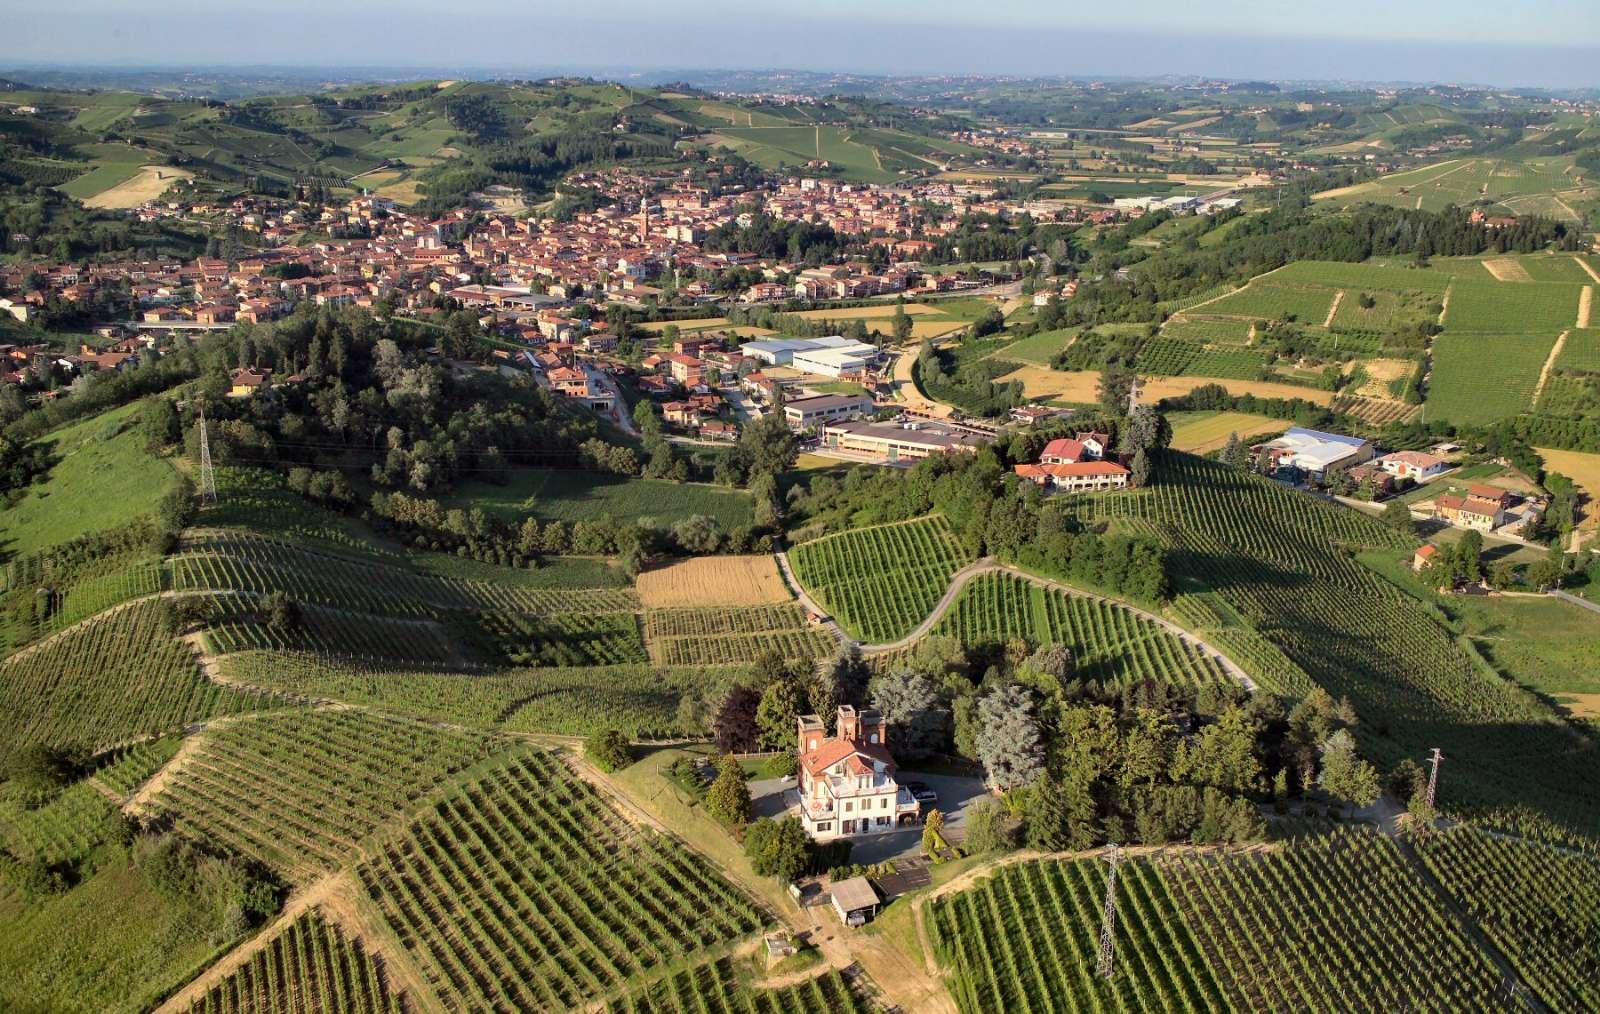 Omkranset af vinmarker til alle sider og tæt på byen Canale